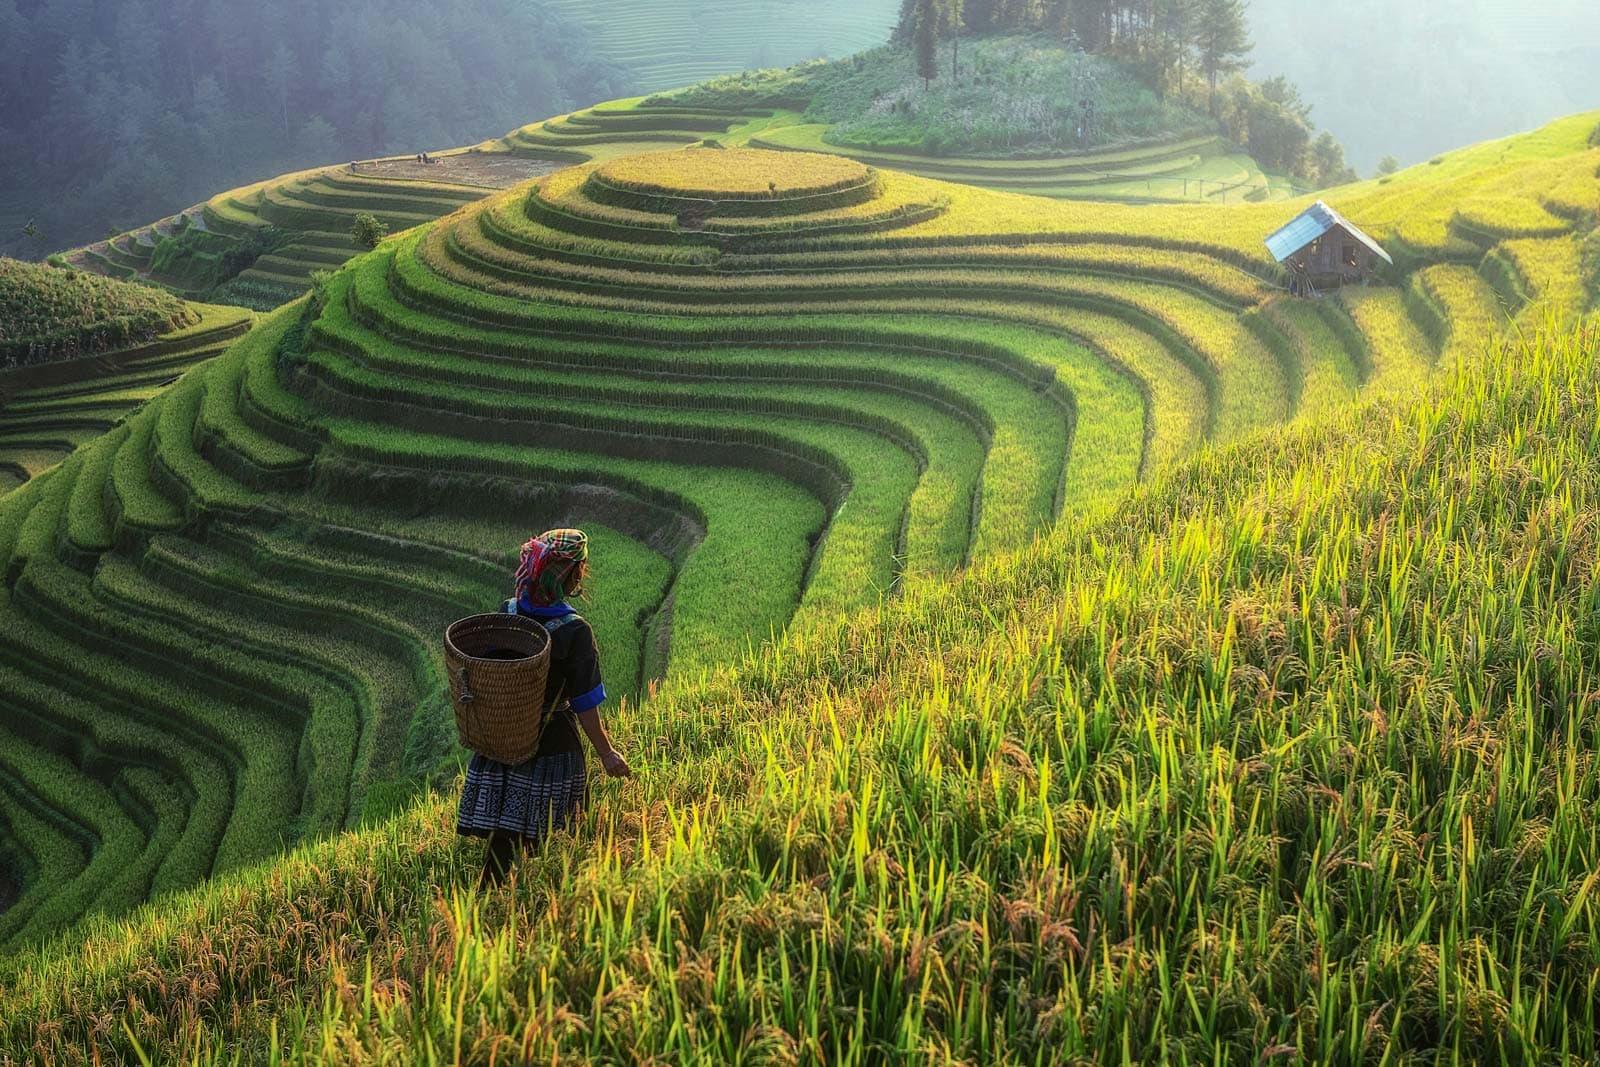 Asia Vietnam Rice Terrace Hmong